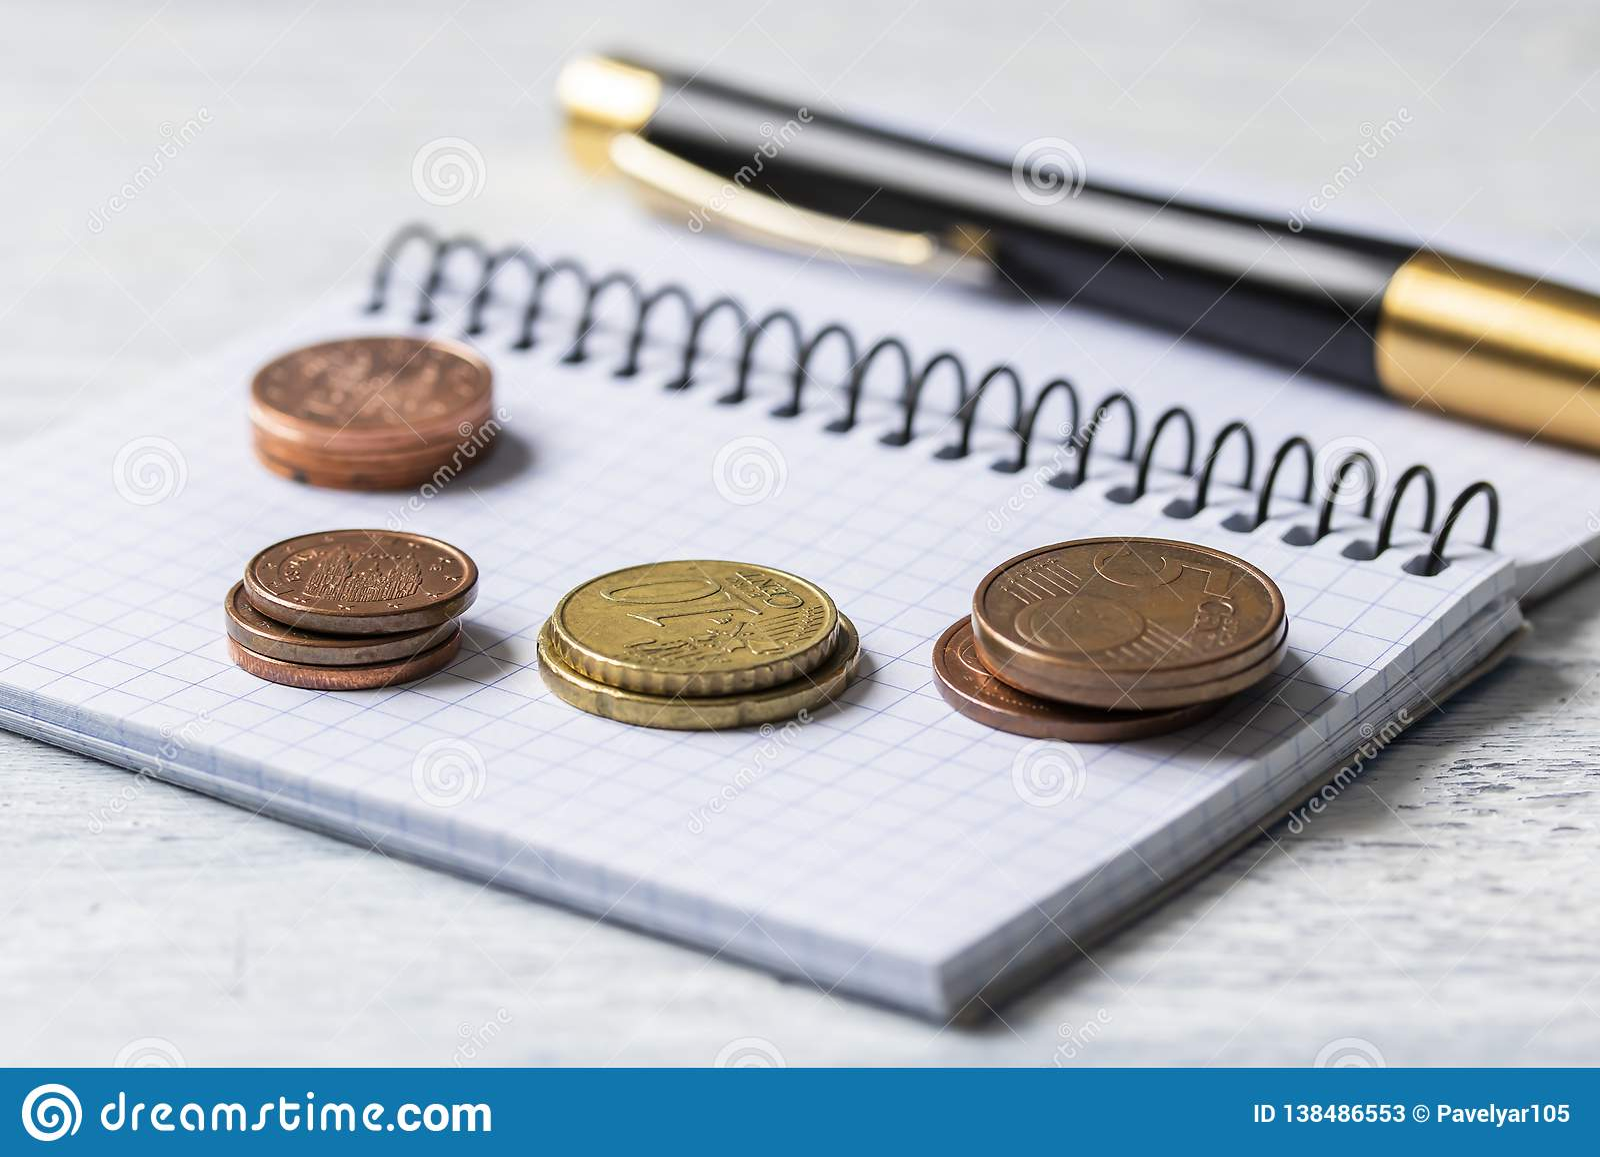 Concepto del negocio, de las finanzas o de la inversión Monedas, talonario de cheques o cuaderno y pluma Fondo de madera blanco